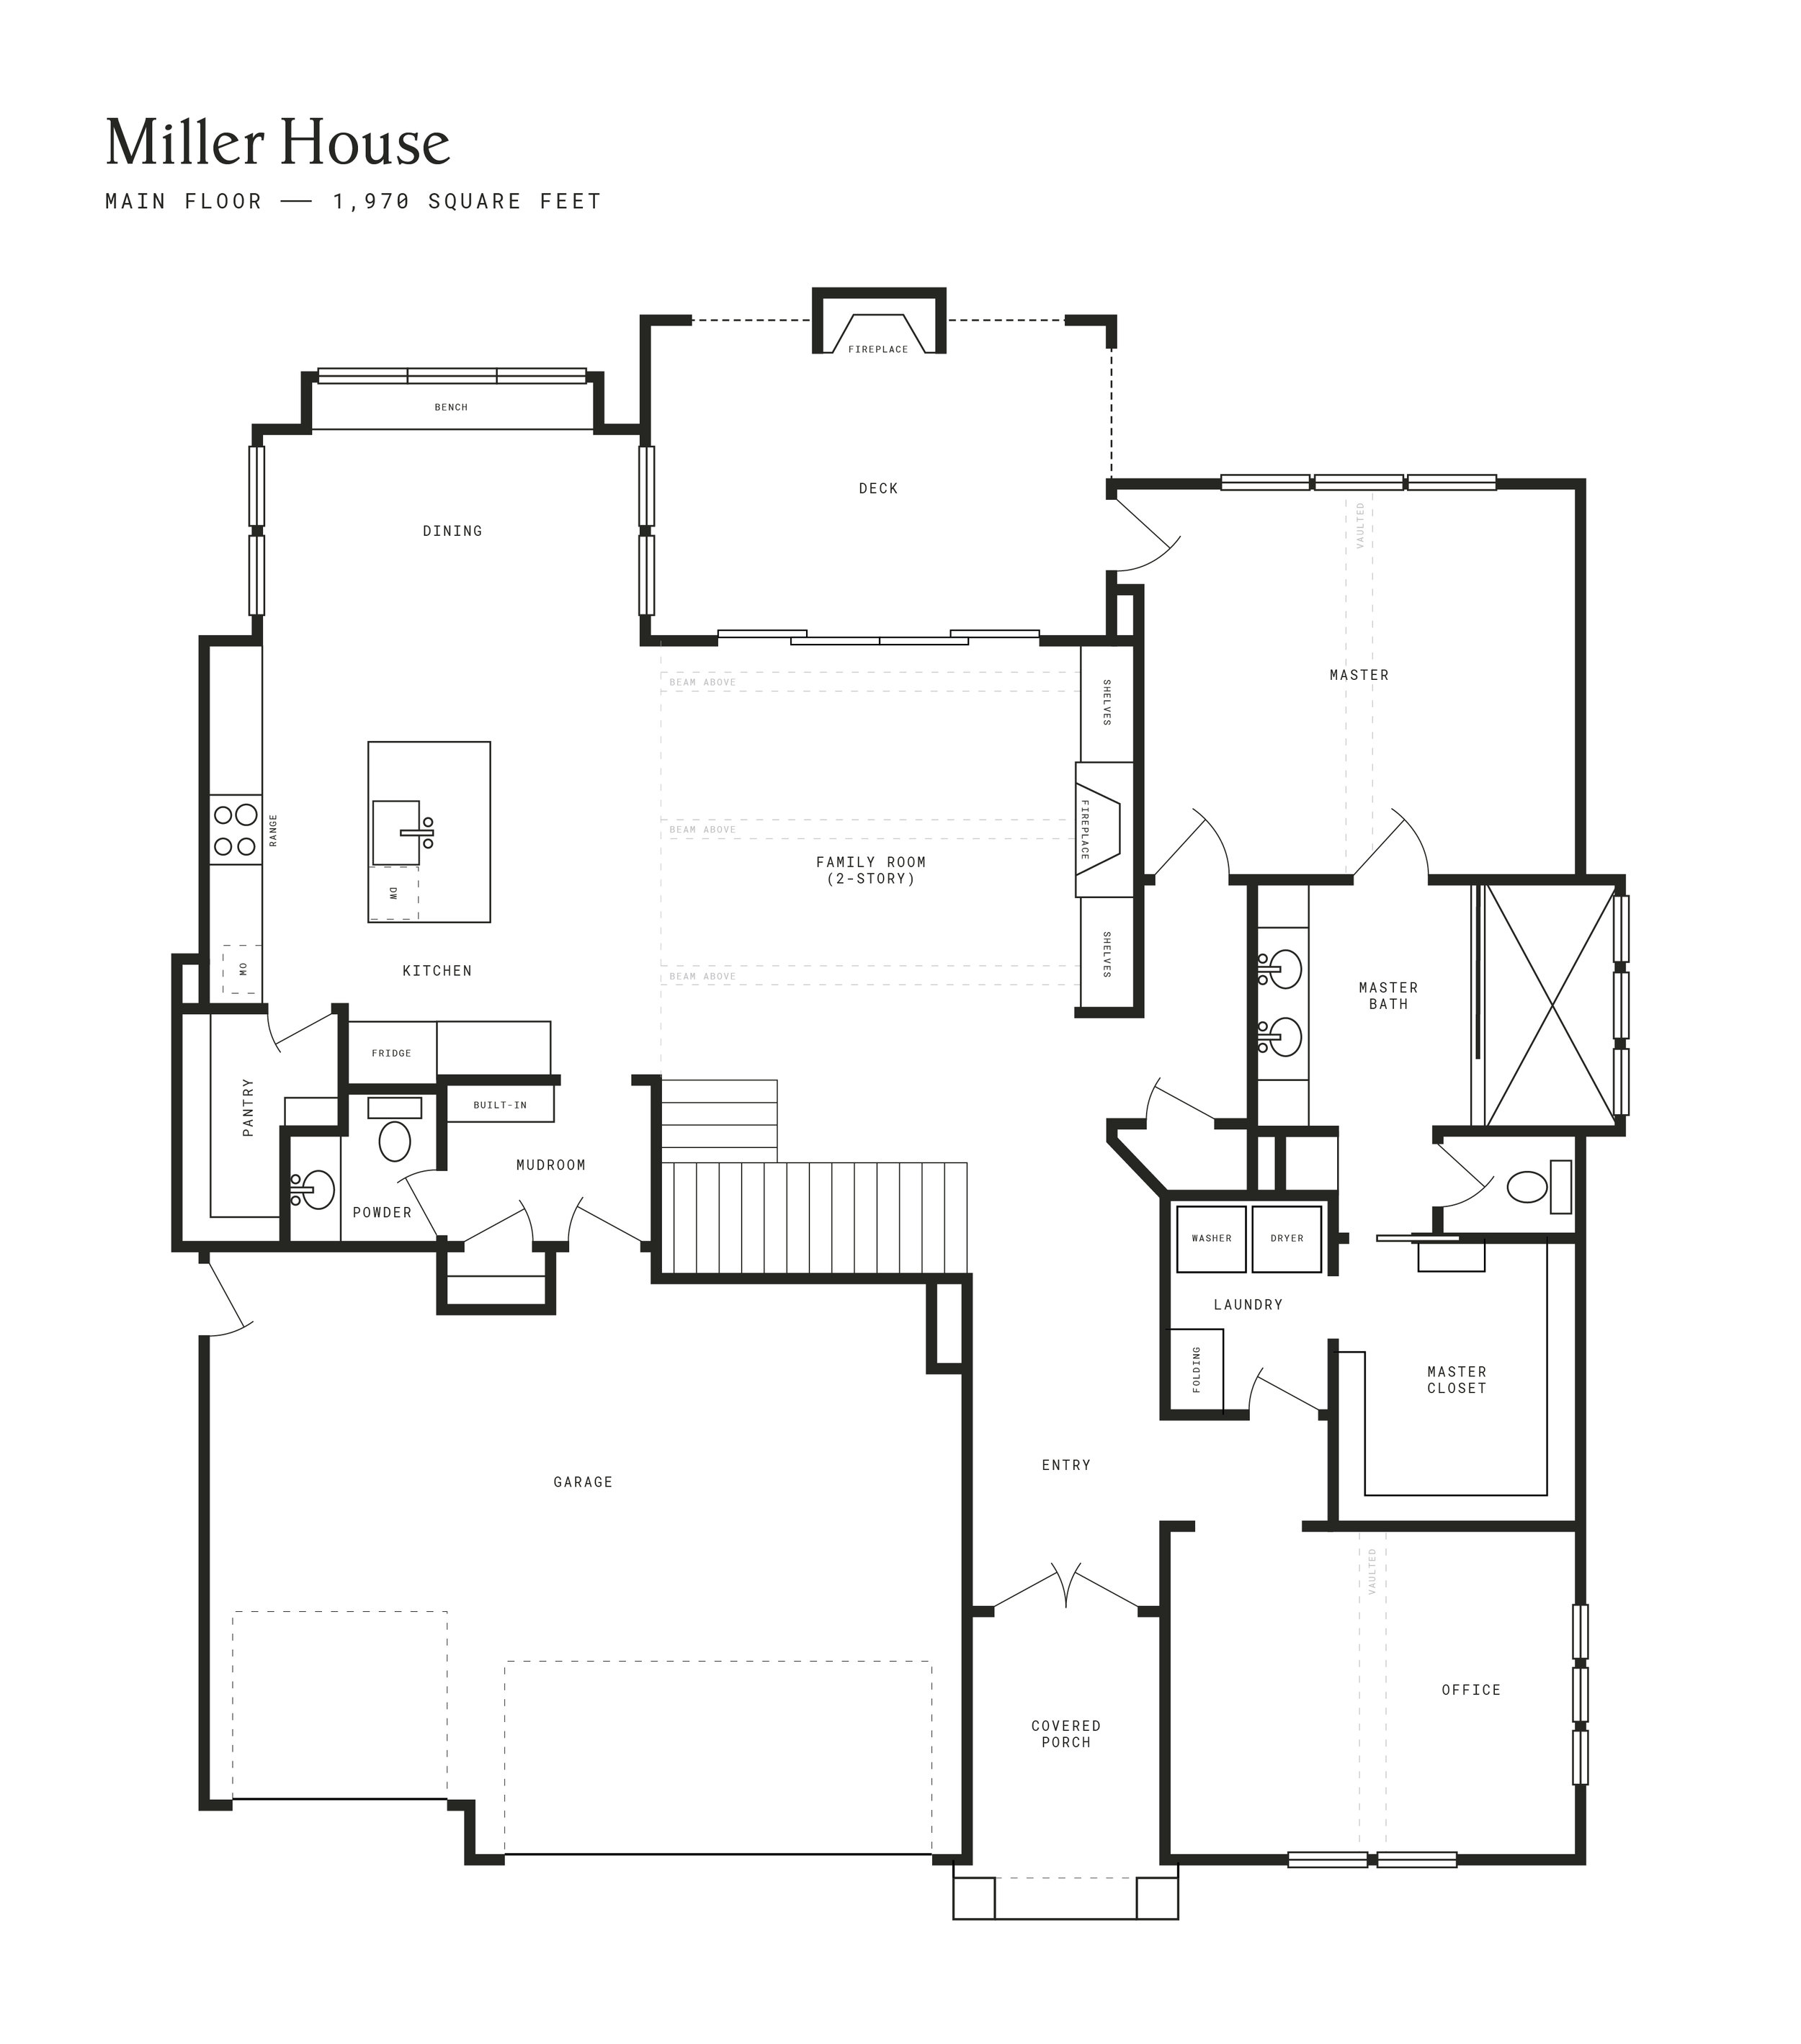 MillerHouse_MainFloorPlan.jpg